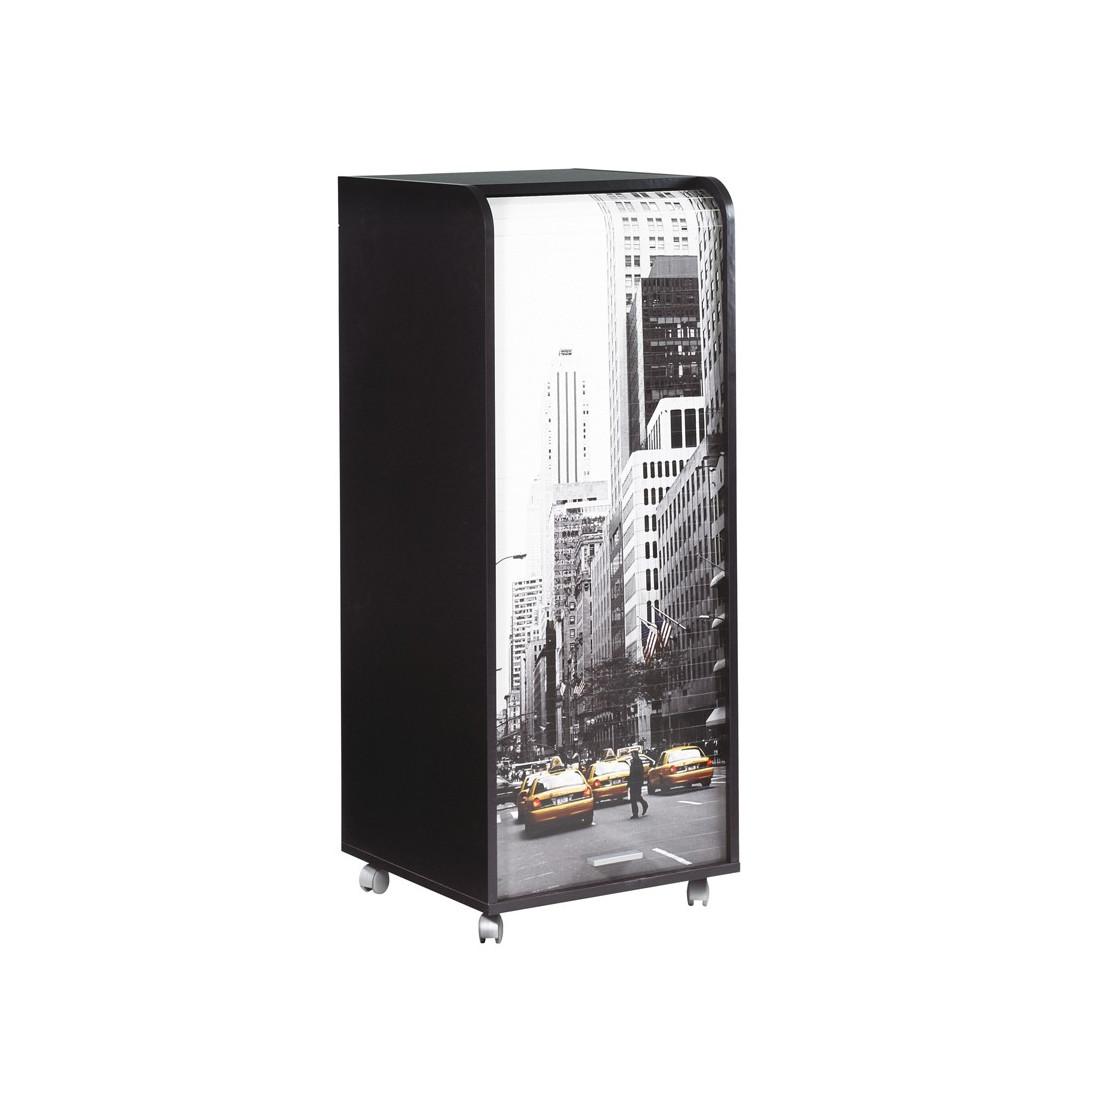 caisson noir m sur roulettes et rideau n 4 carou univers du bureau. Black Bedroom Furniture Sets. Home Design Ideas